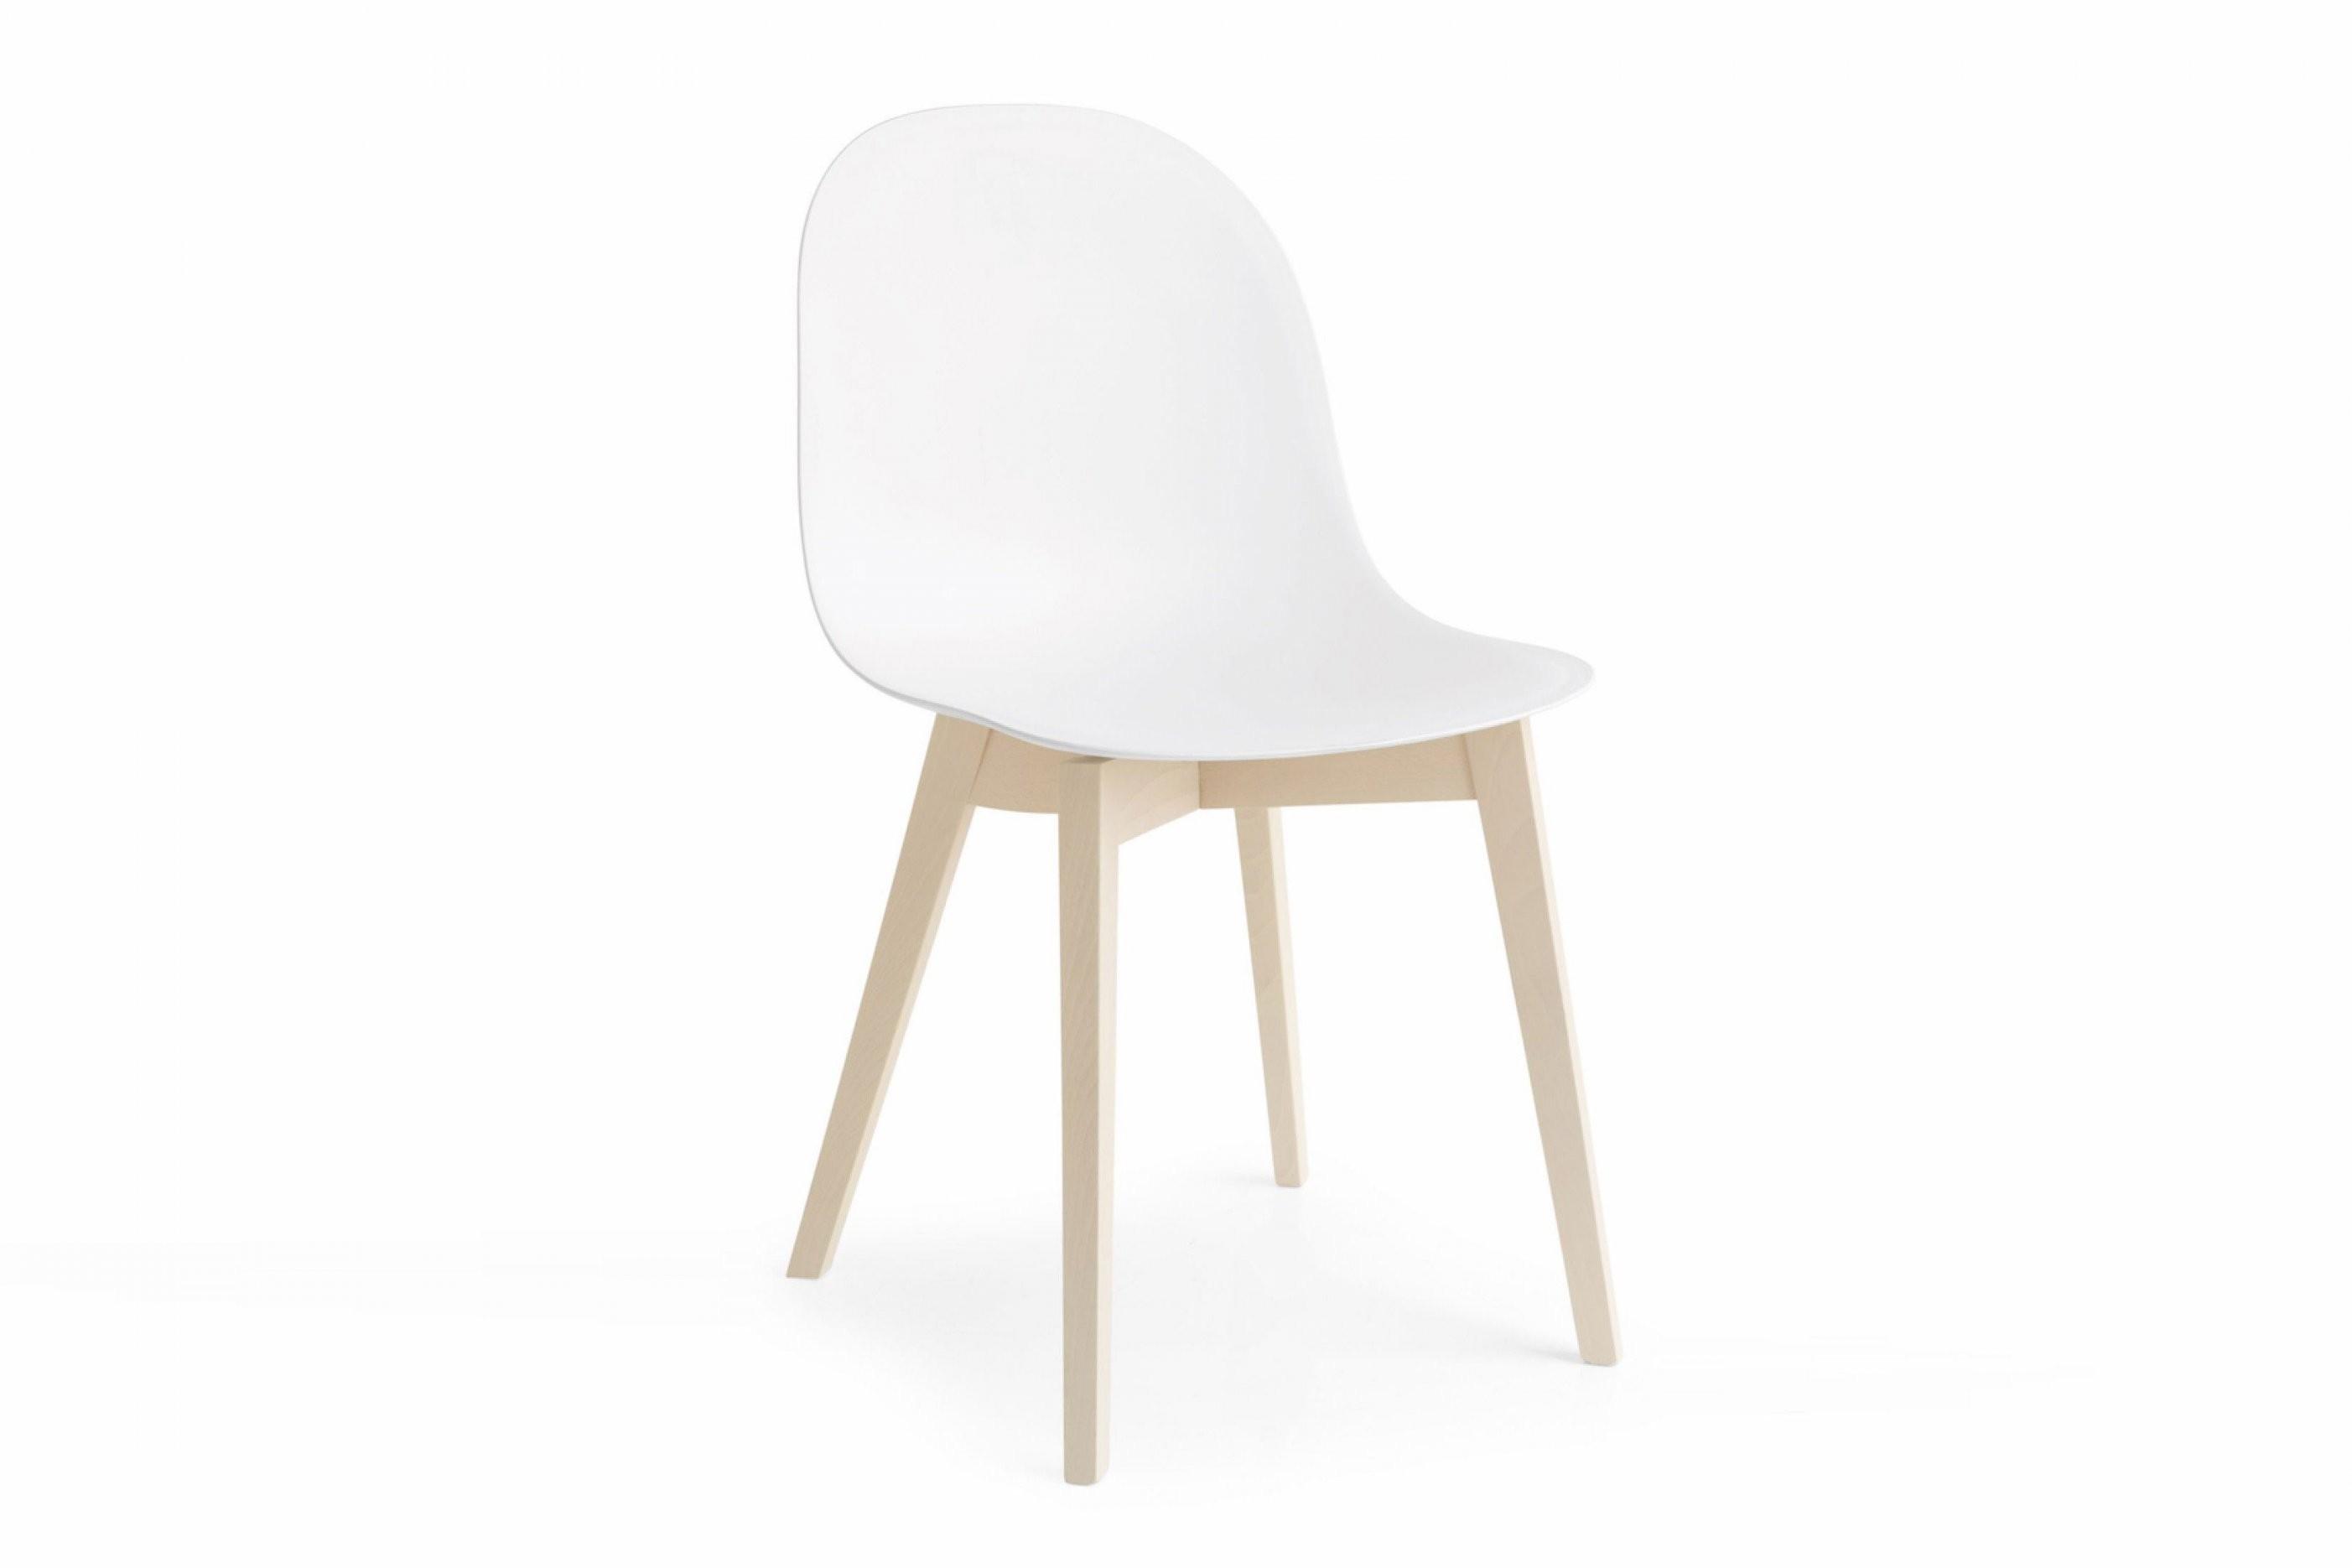 Möbel Skandinavische Stüh  Payyourrank von Skandinavische Stühle Günstig Bild